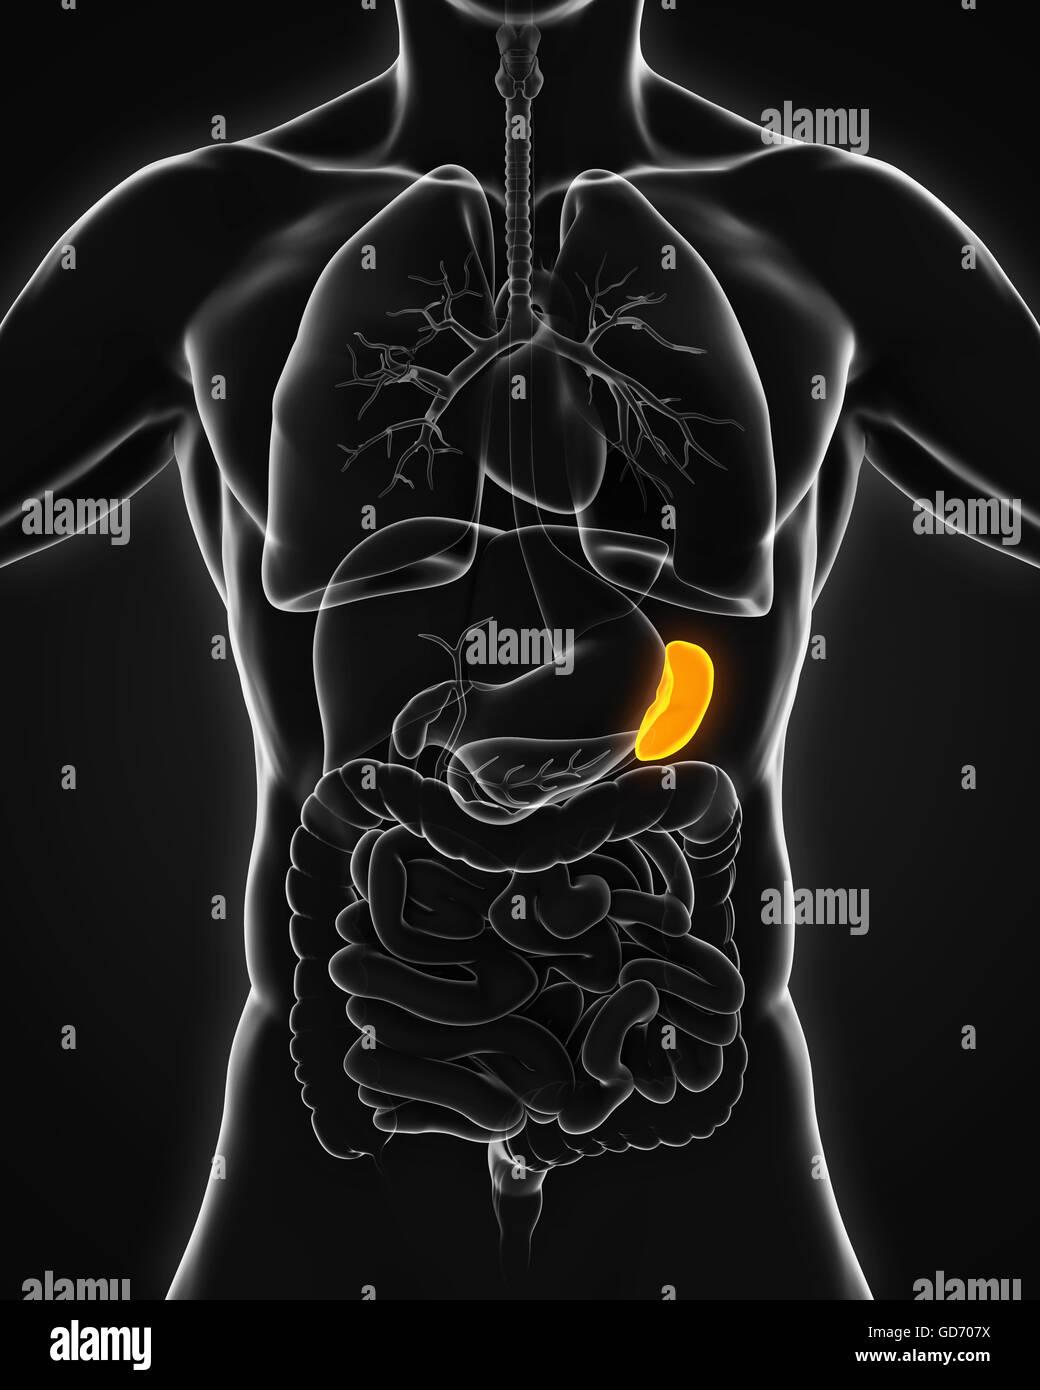 Anatomie der menschlichen Milz Stockfoto, Bild: 111406622 - Alamy